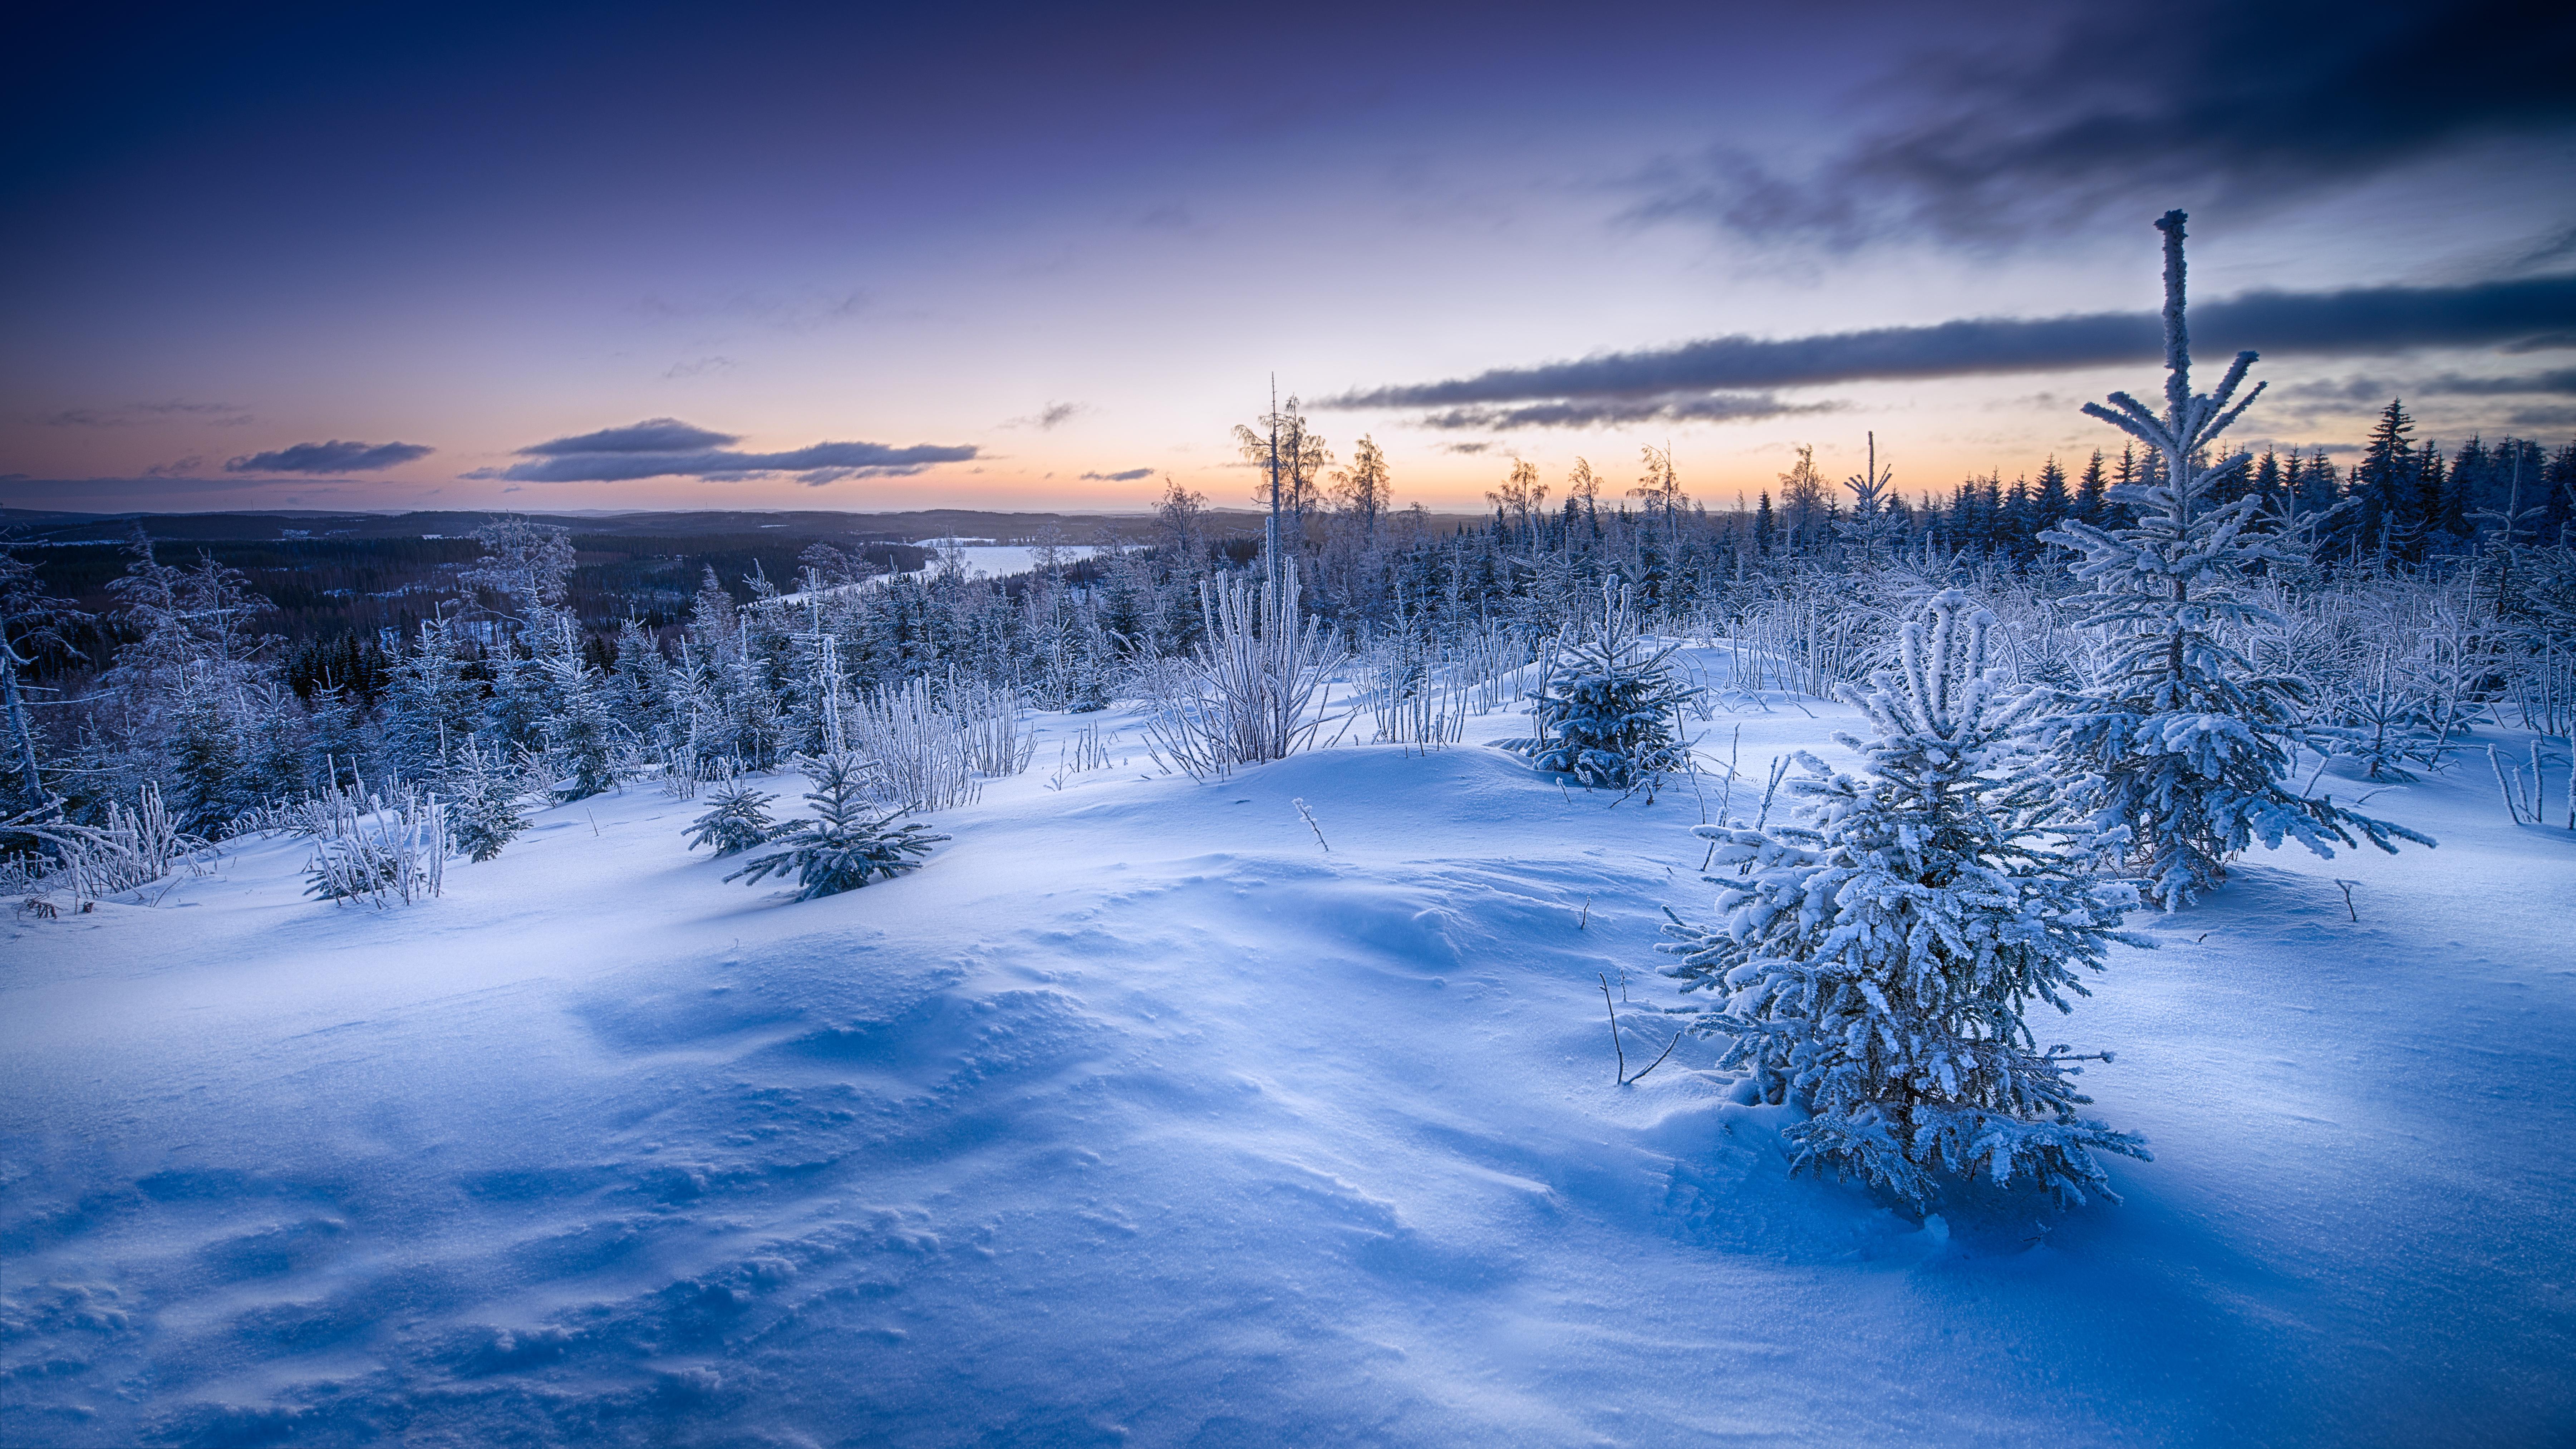 Обои Зимние На Телефон HD